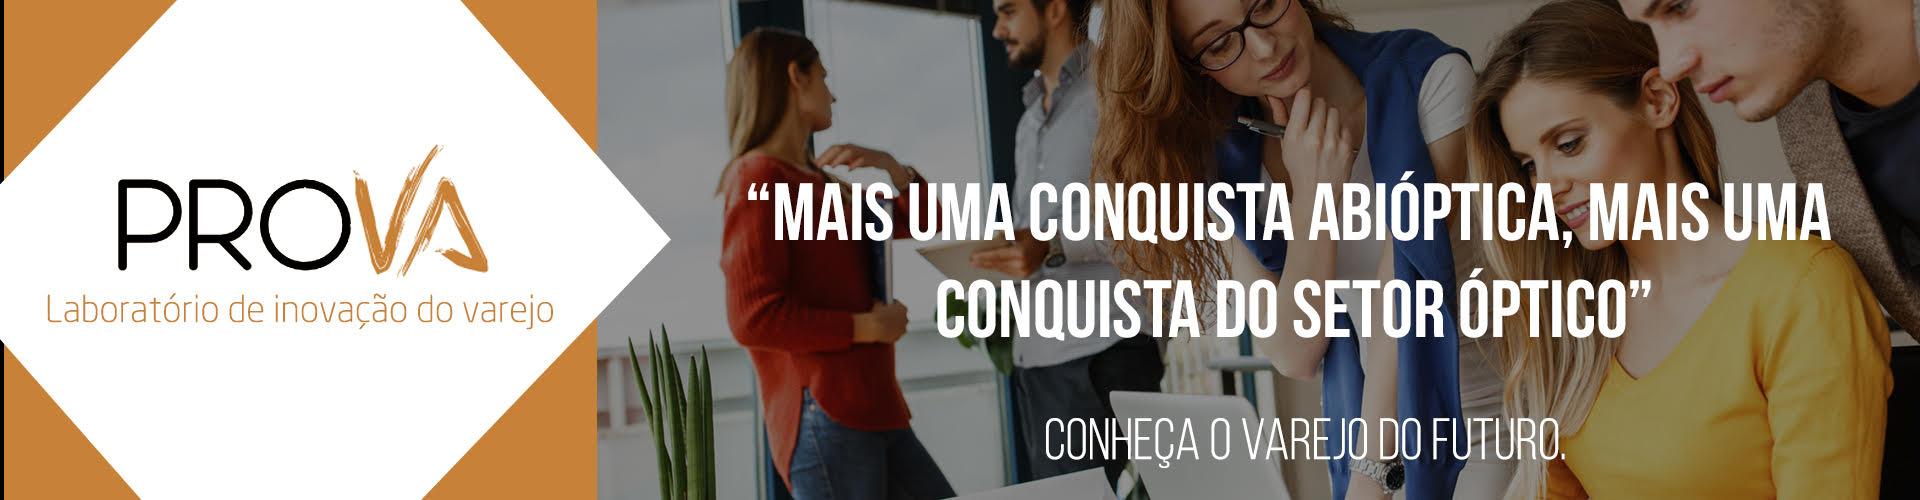 dfcdd71870162 Abióptica - Associação Brasileira das Indústrias Ópticas - Abióptica